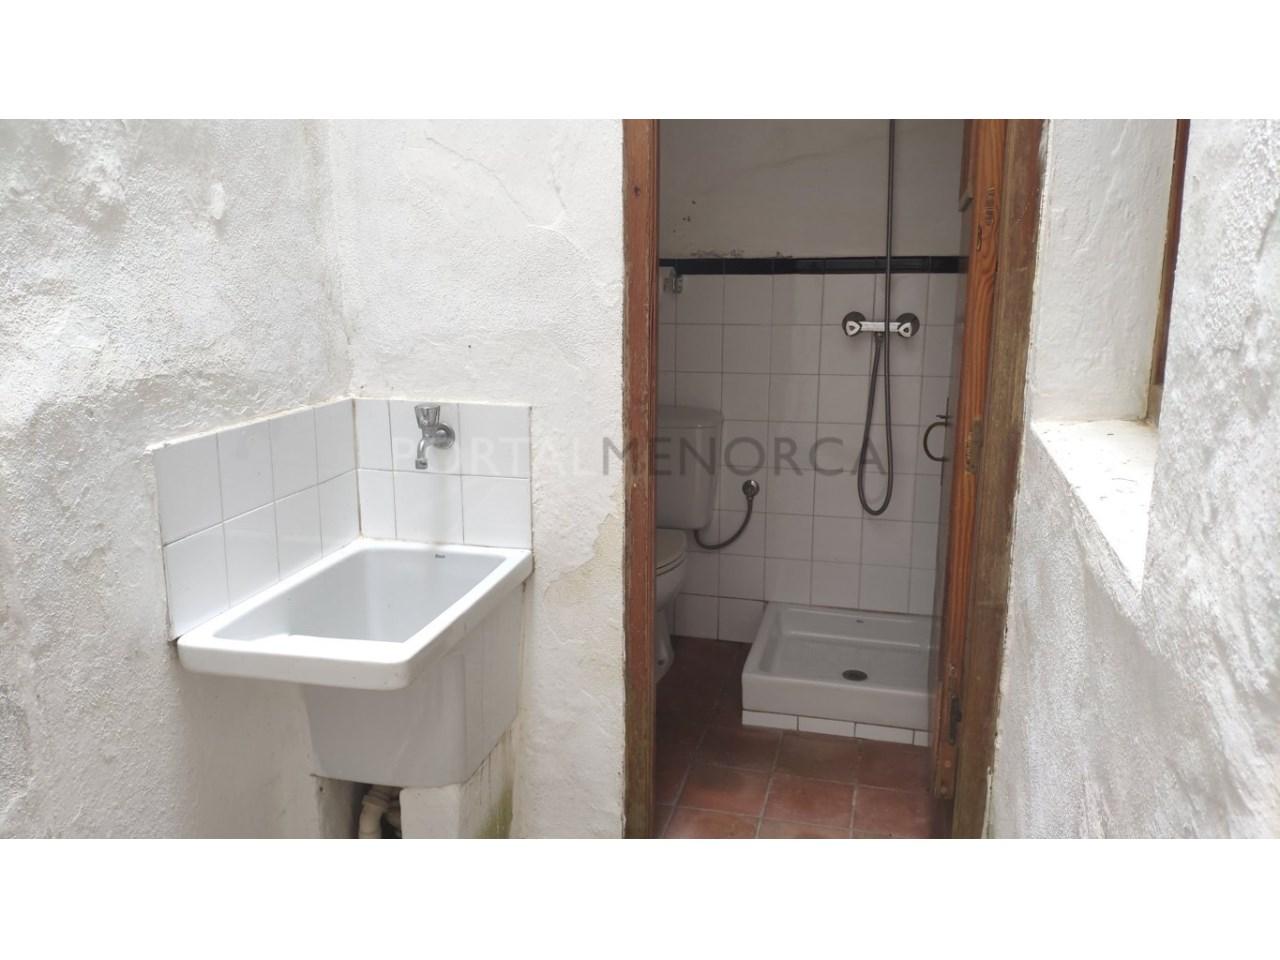 casa reformada en venta en Ciutadella de Menorca lavadero-aseo